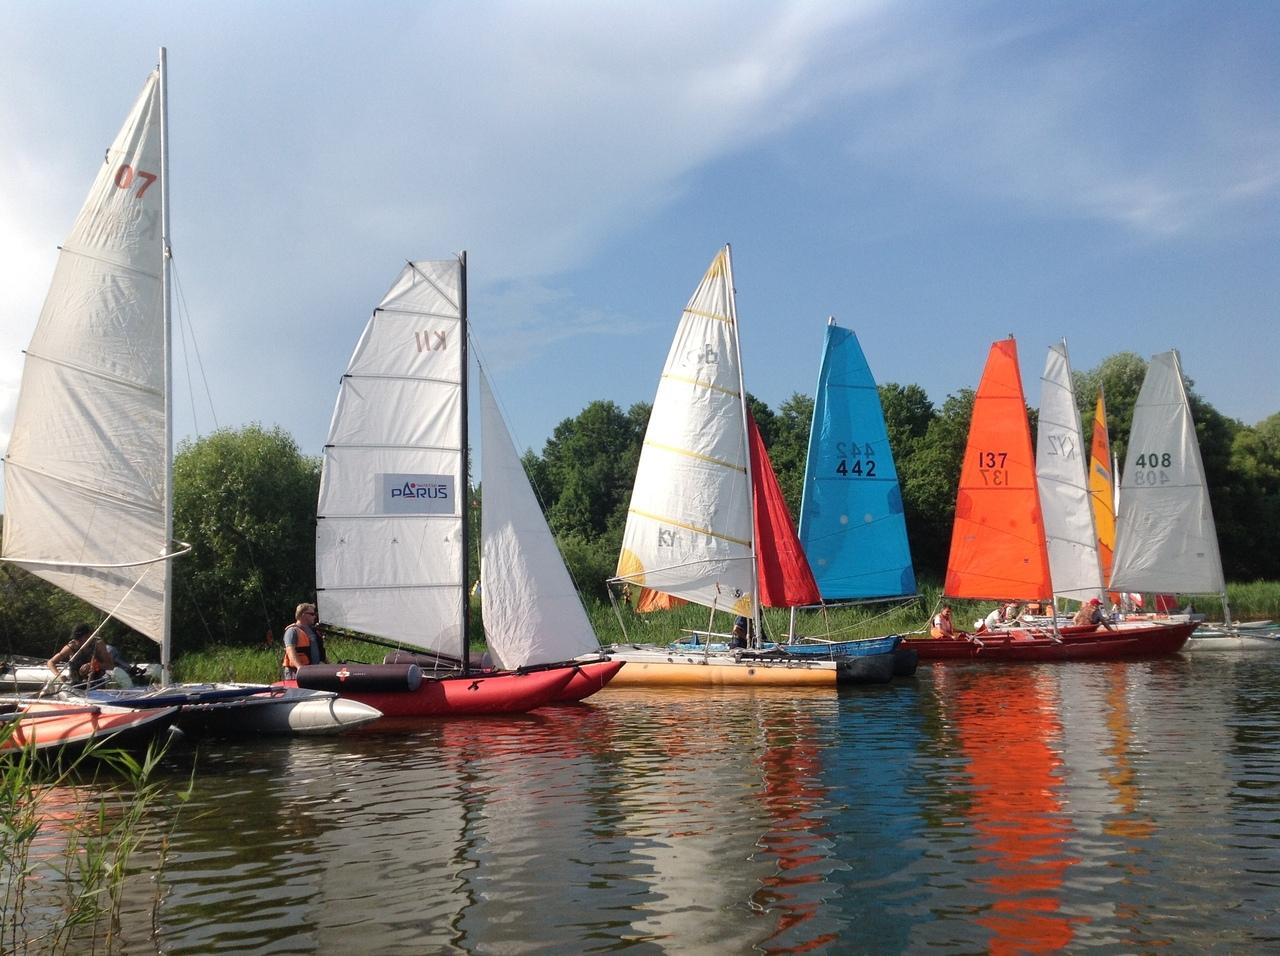 Прогулки под парусами и фестиваль пиратской песни. В Курской области пройдут соревнования по спортивному туризму на парусных дистанциях